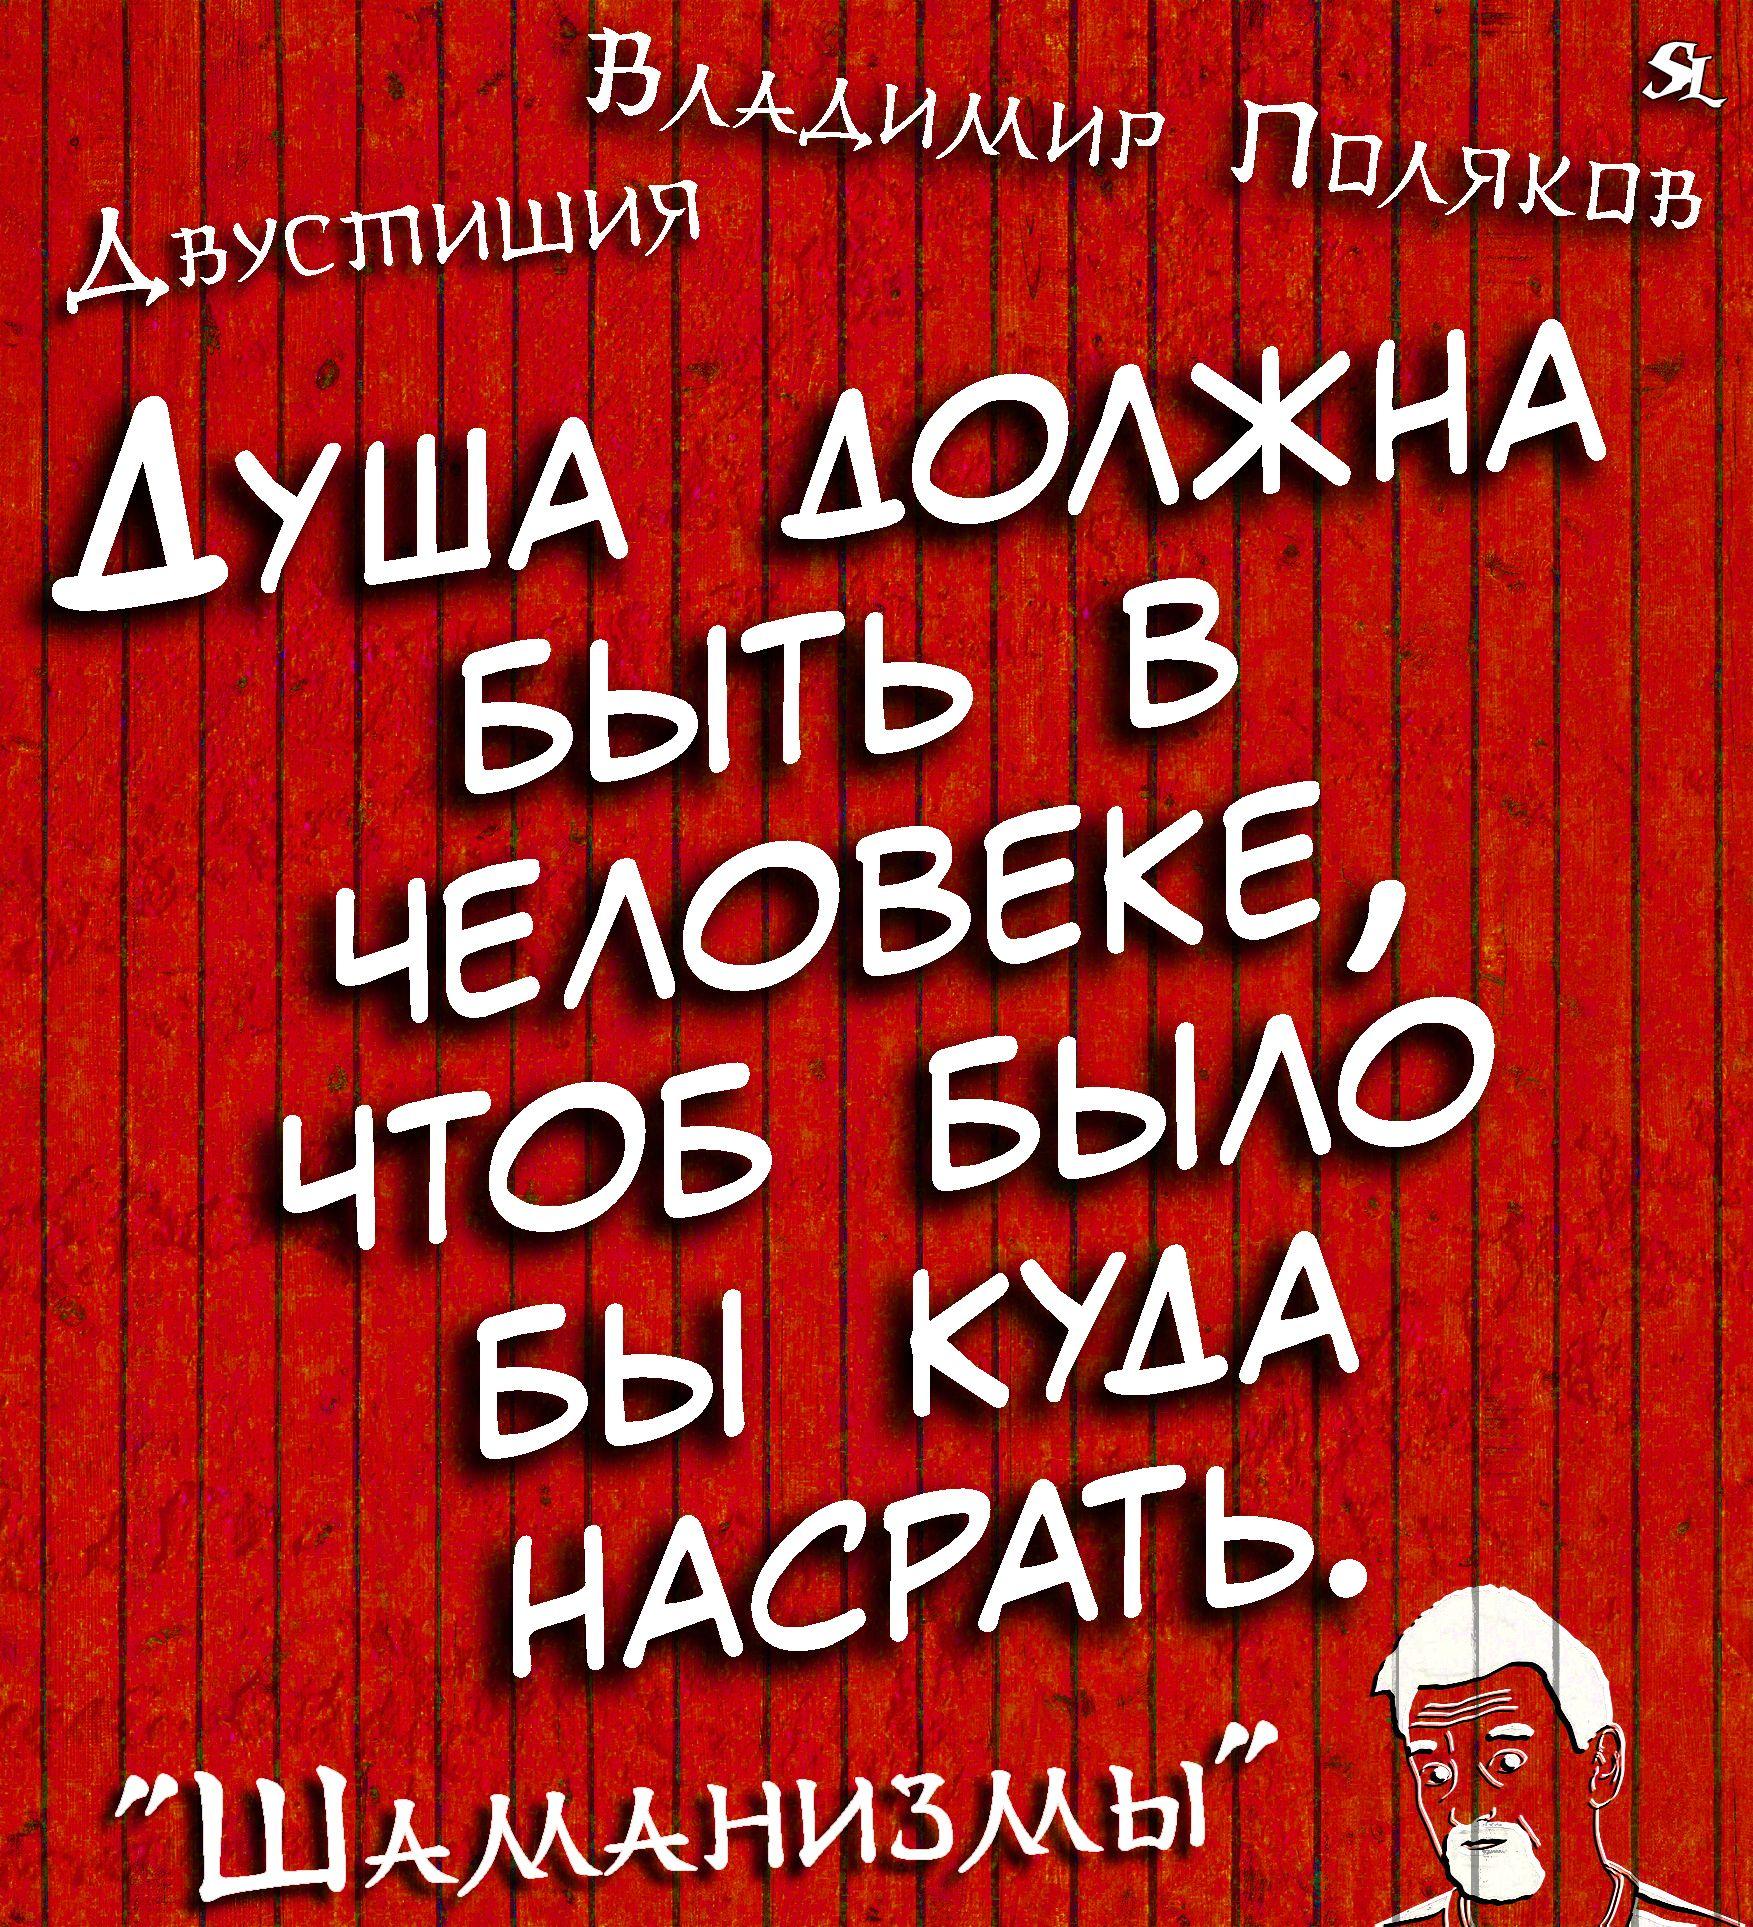 Dvostishie Vladimir Polyakov Shamanizmy Shutki Prikol Yumor Jokes Funny Humor Memes Quotations Quotes Phrase Of The Day